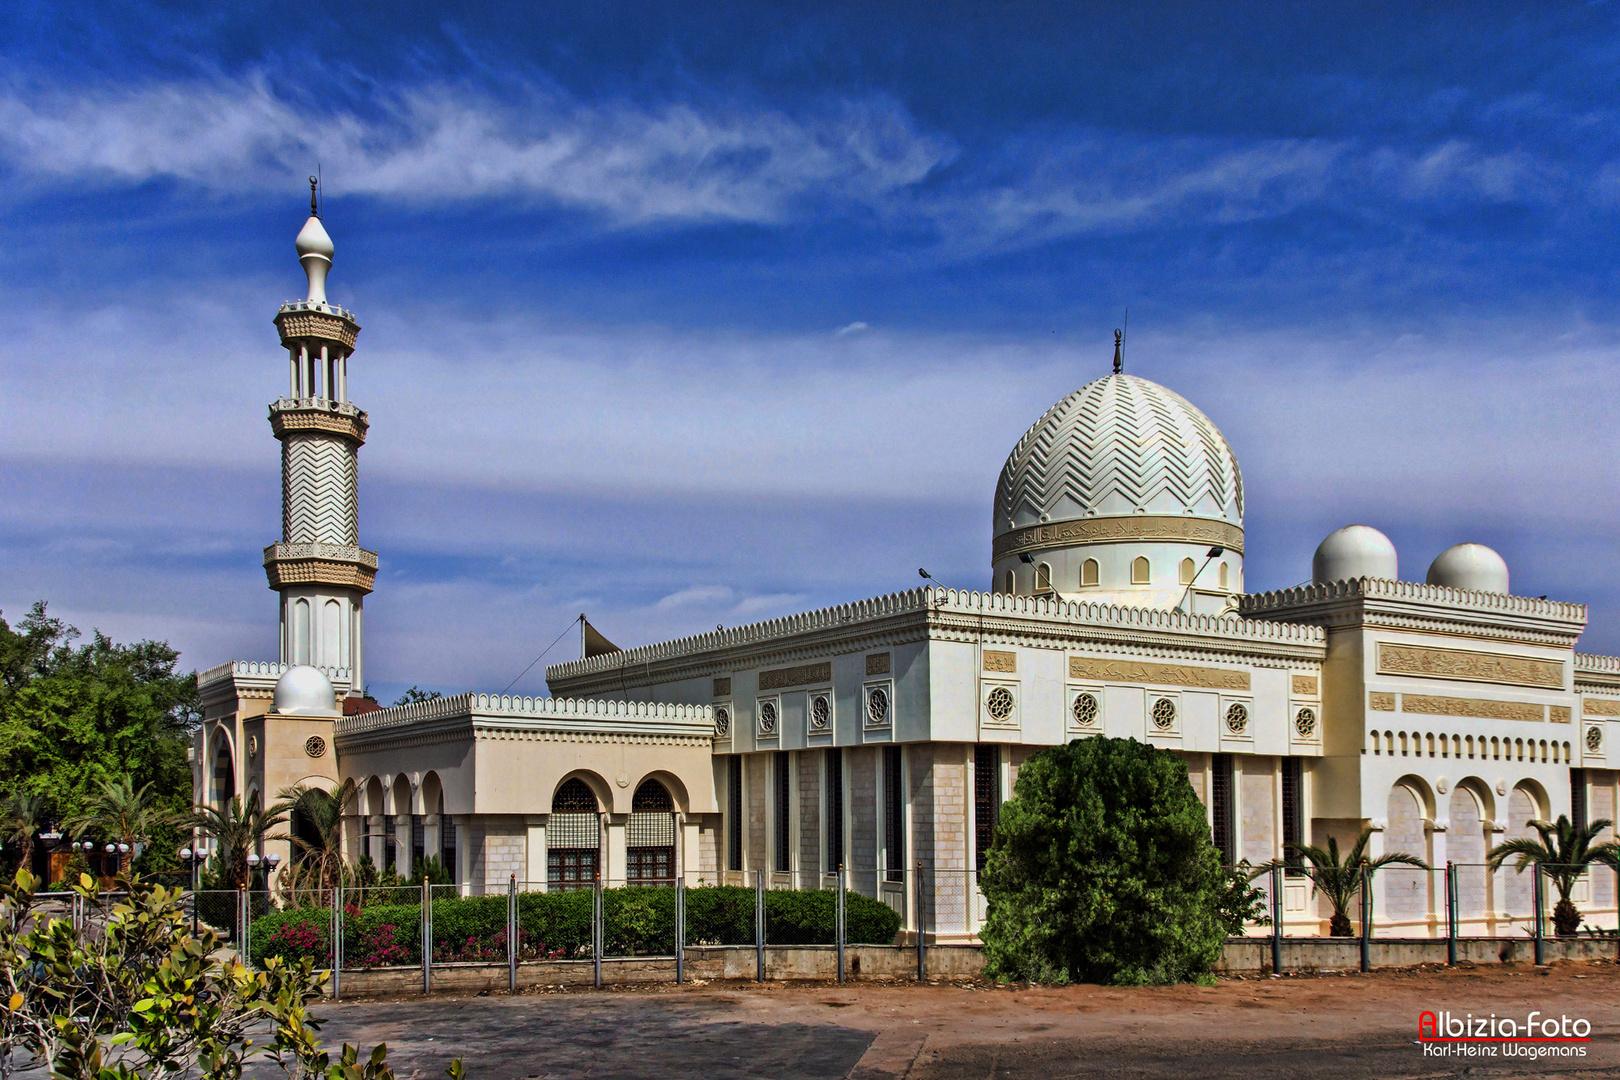 Al-Sharif Hussein Bin Ali-Moschee in Aqaba (Jordanien) von 1975